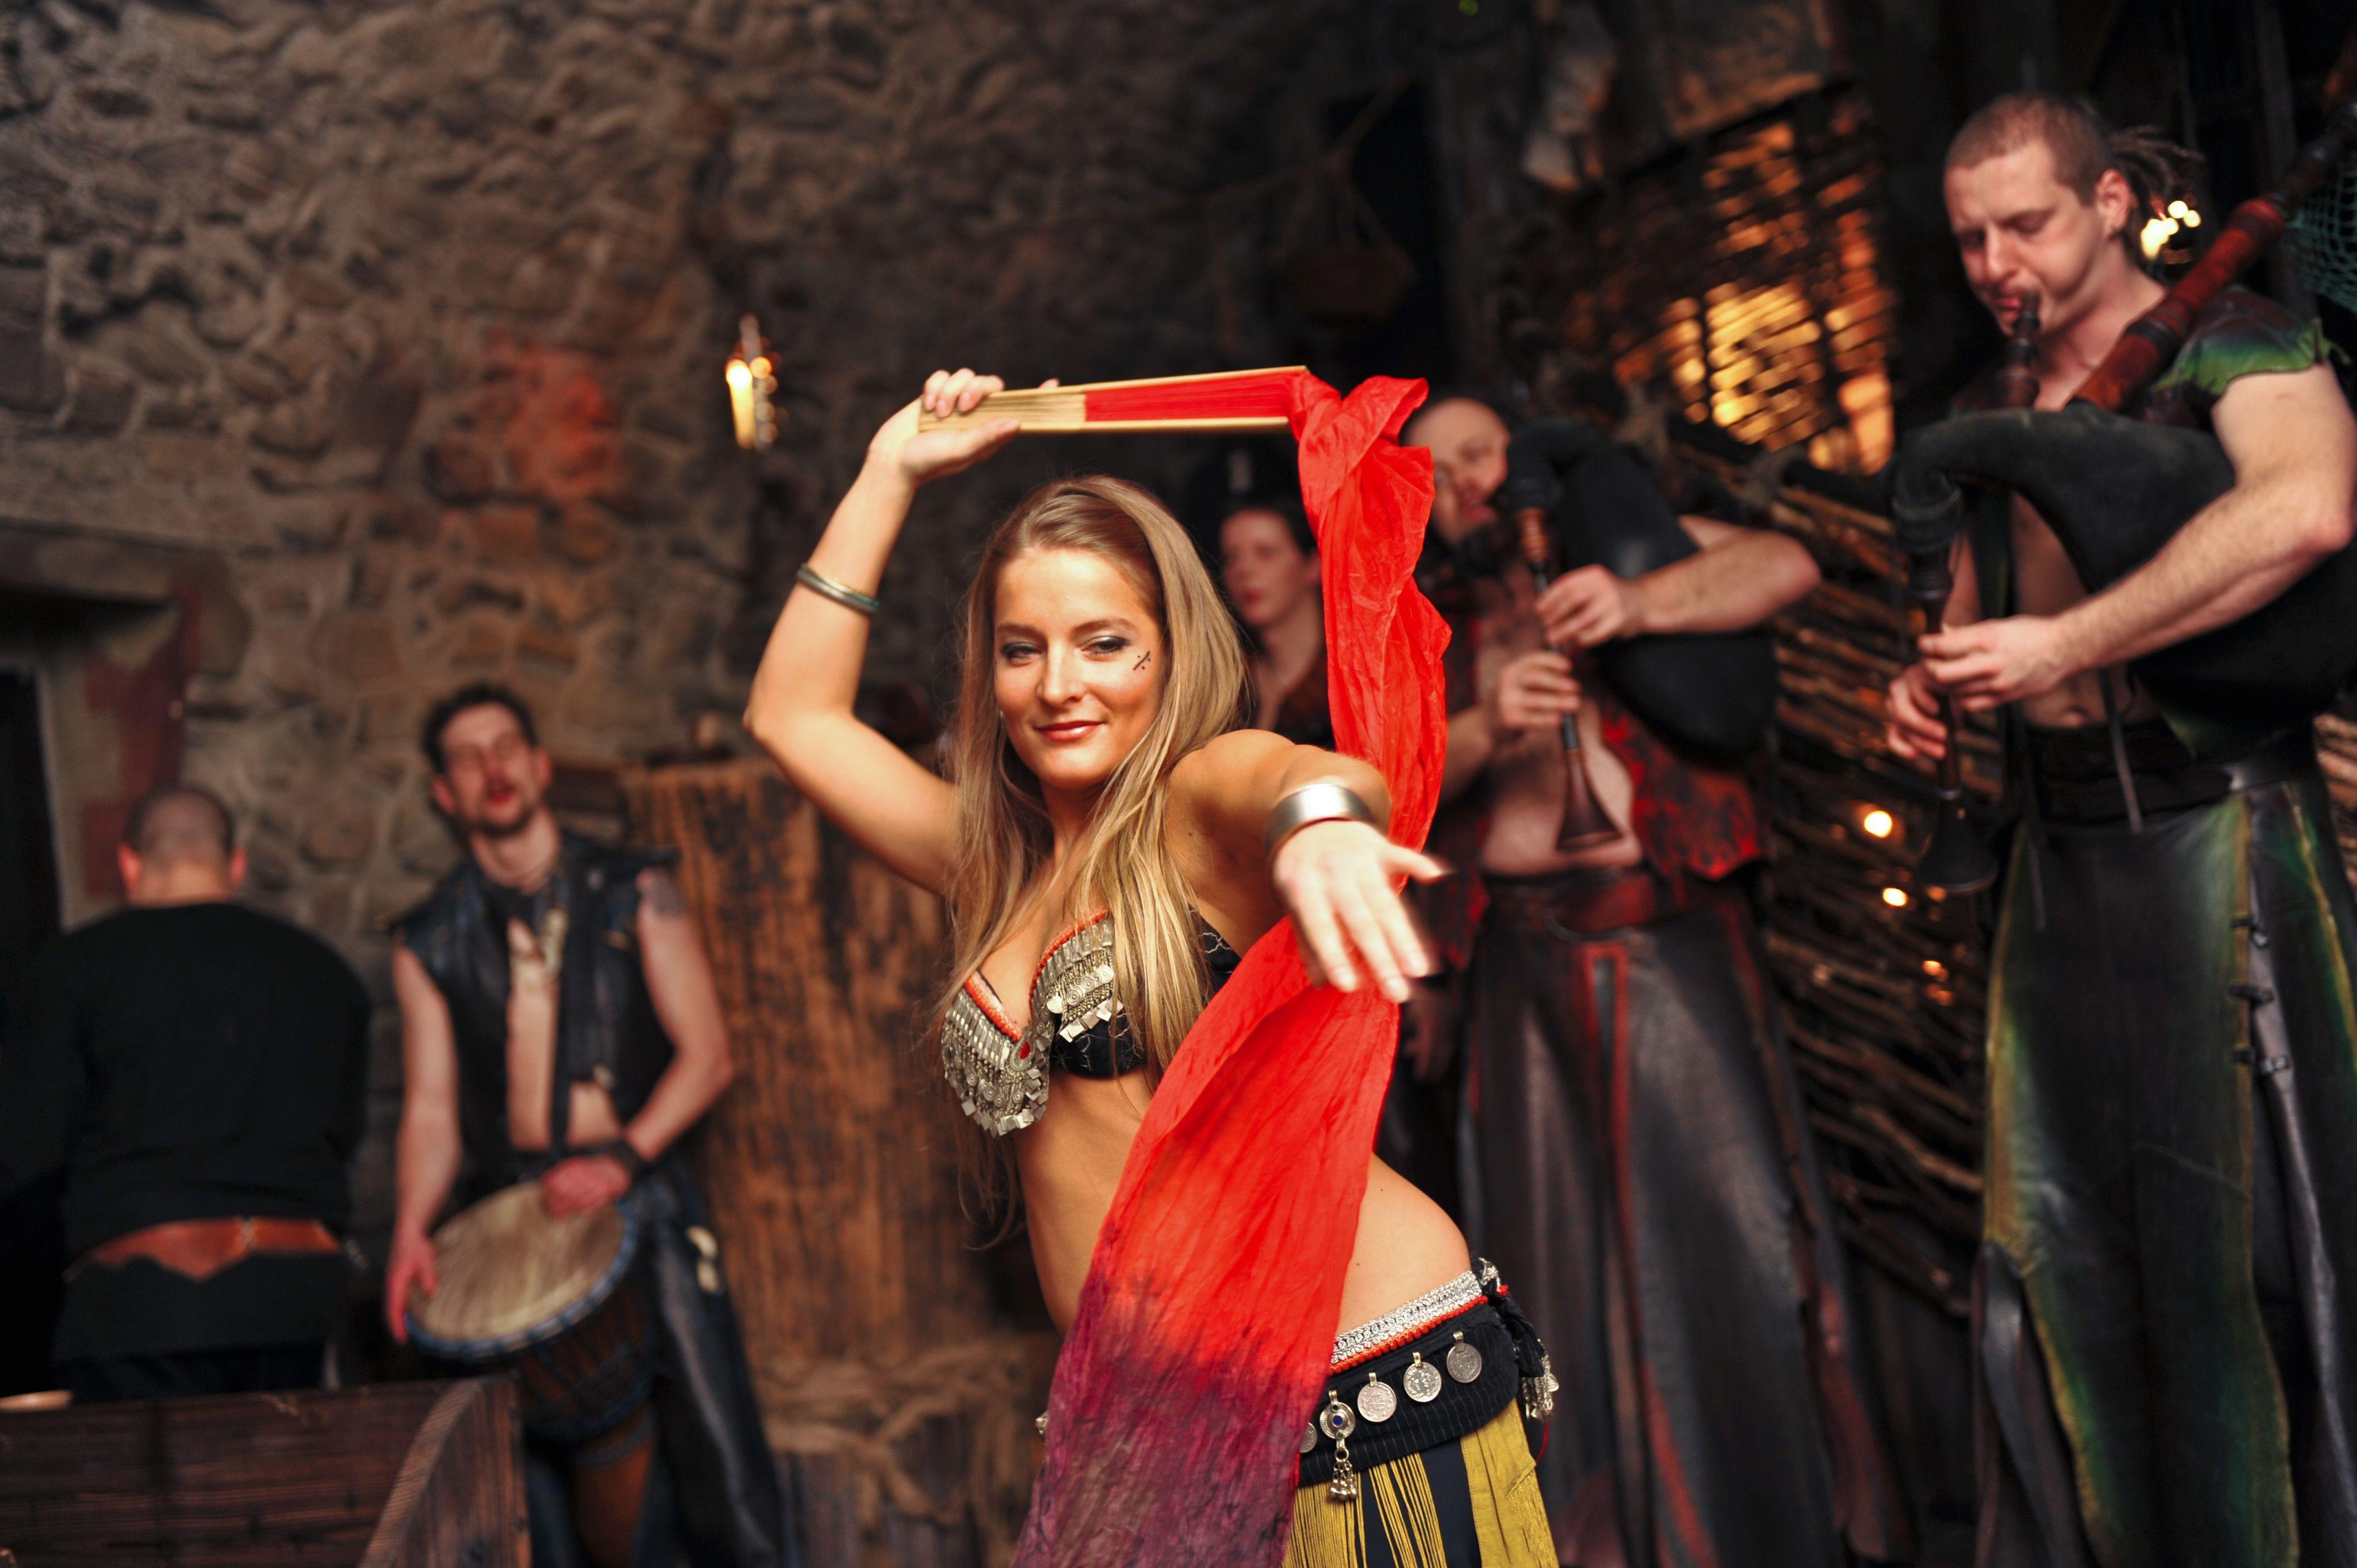 Dancer at the Medieval dinner in Prague